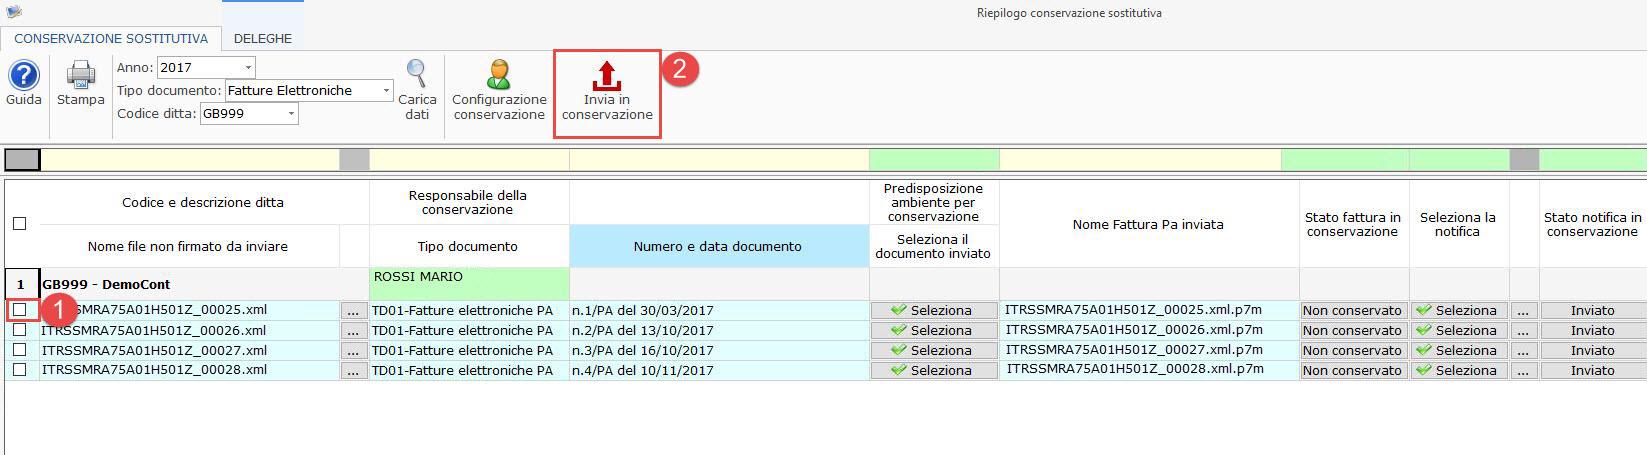 Conservazione file 2017: Dati Fatture, Liquidazioni Iva e Fatture Elettroniche - 9